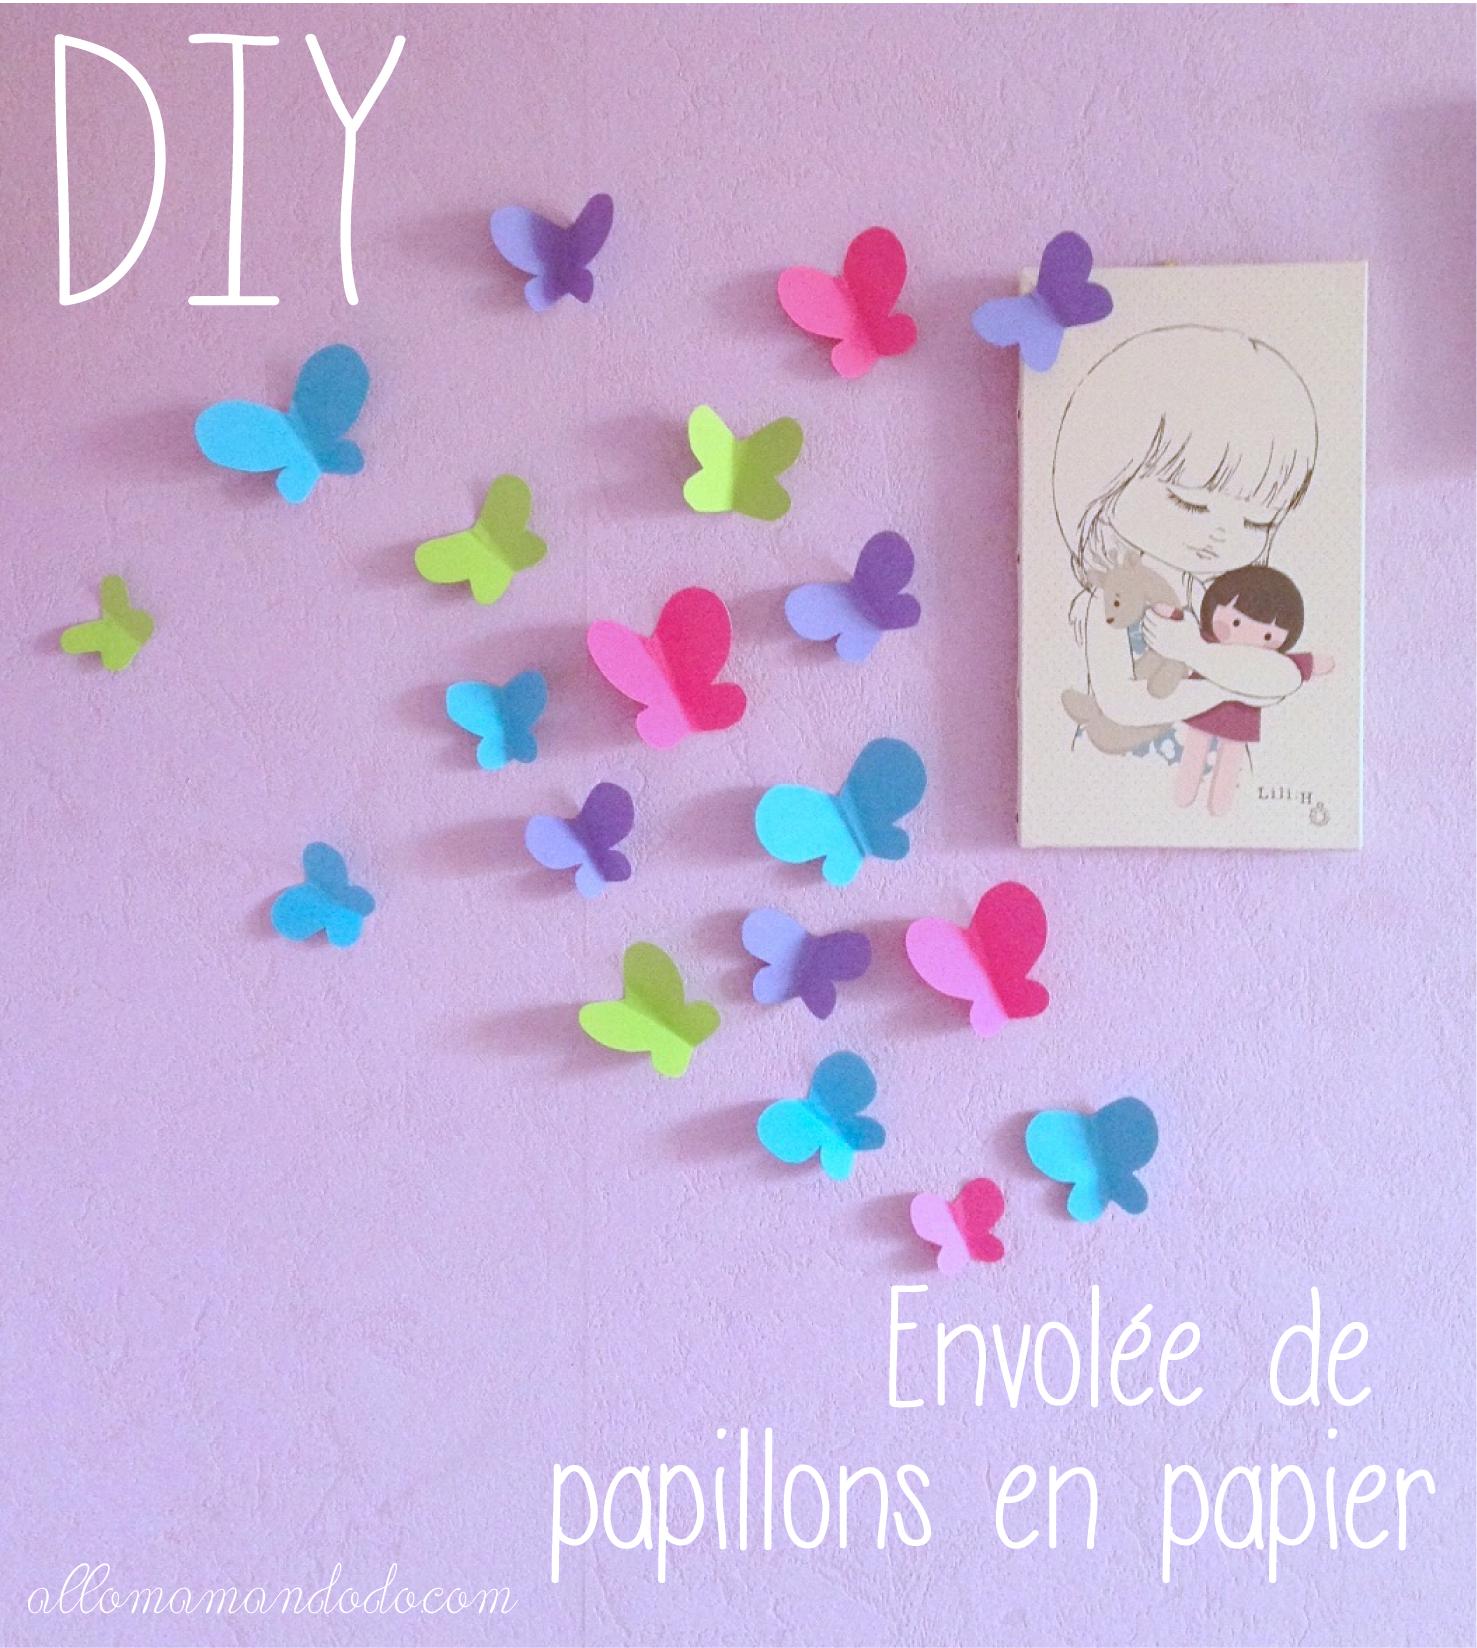 diy envol e de papillons en papier activit pour enfants. Black Bedroom Furniture Sets. Home Design Ideas